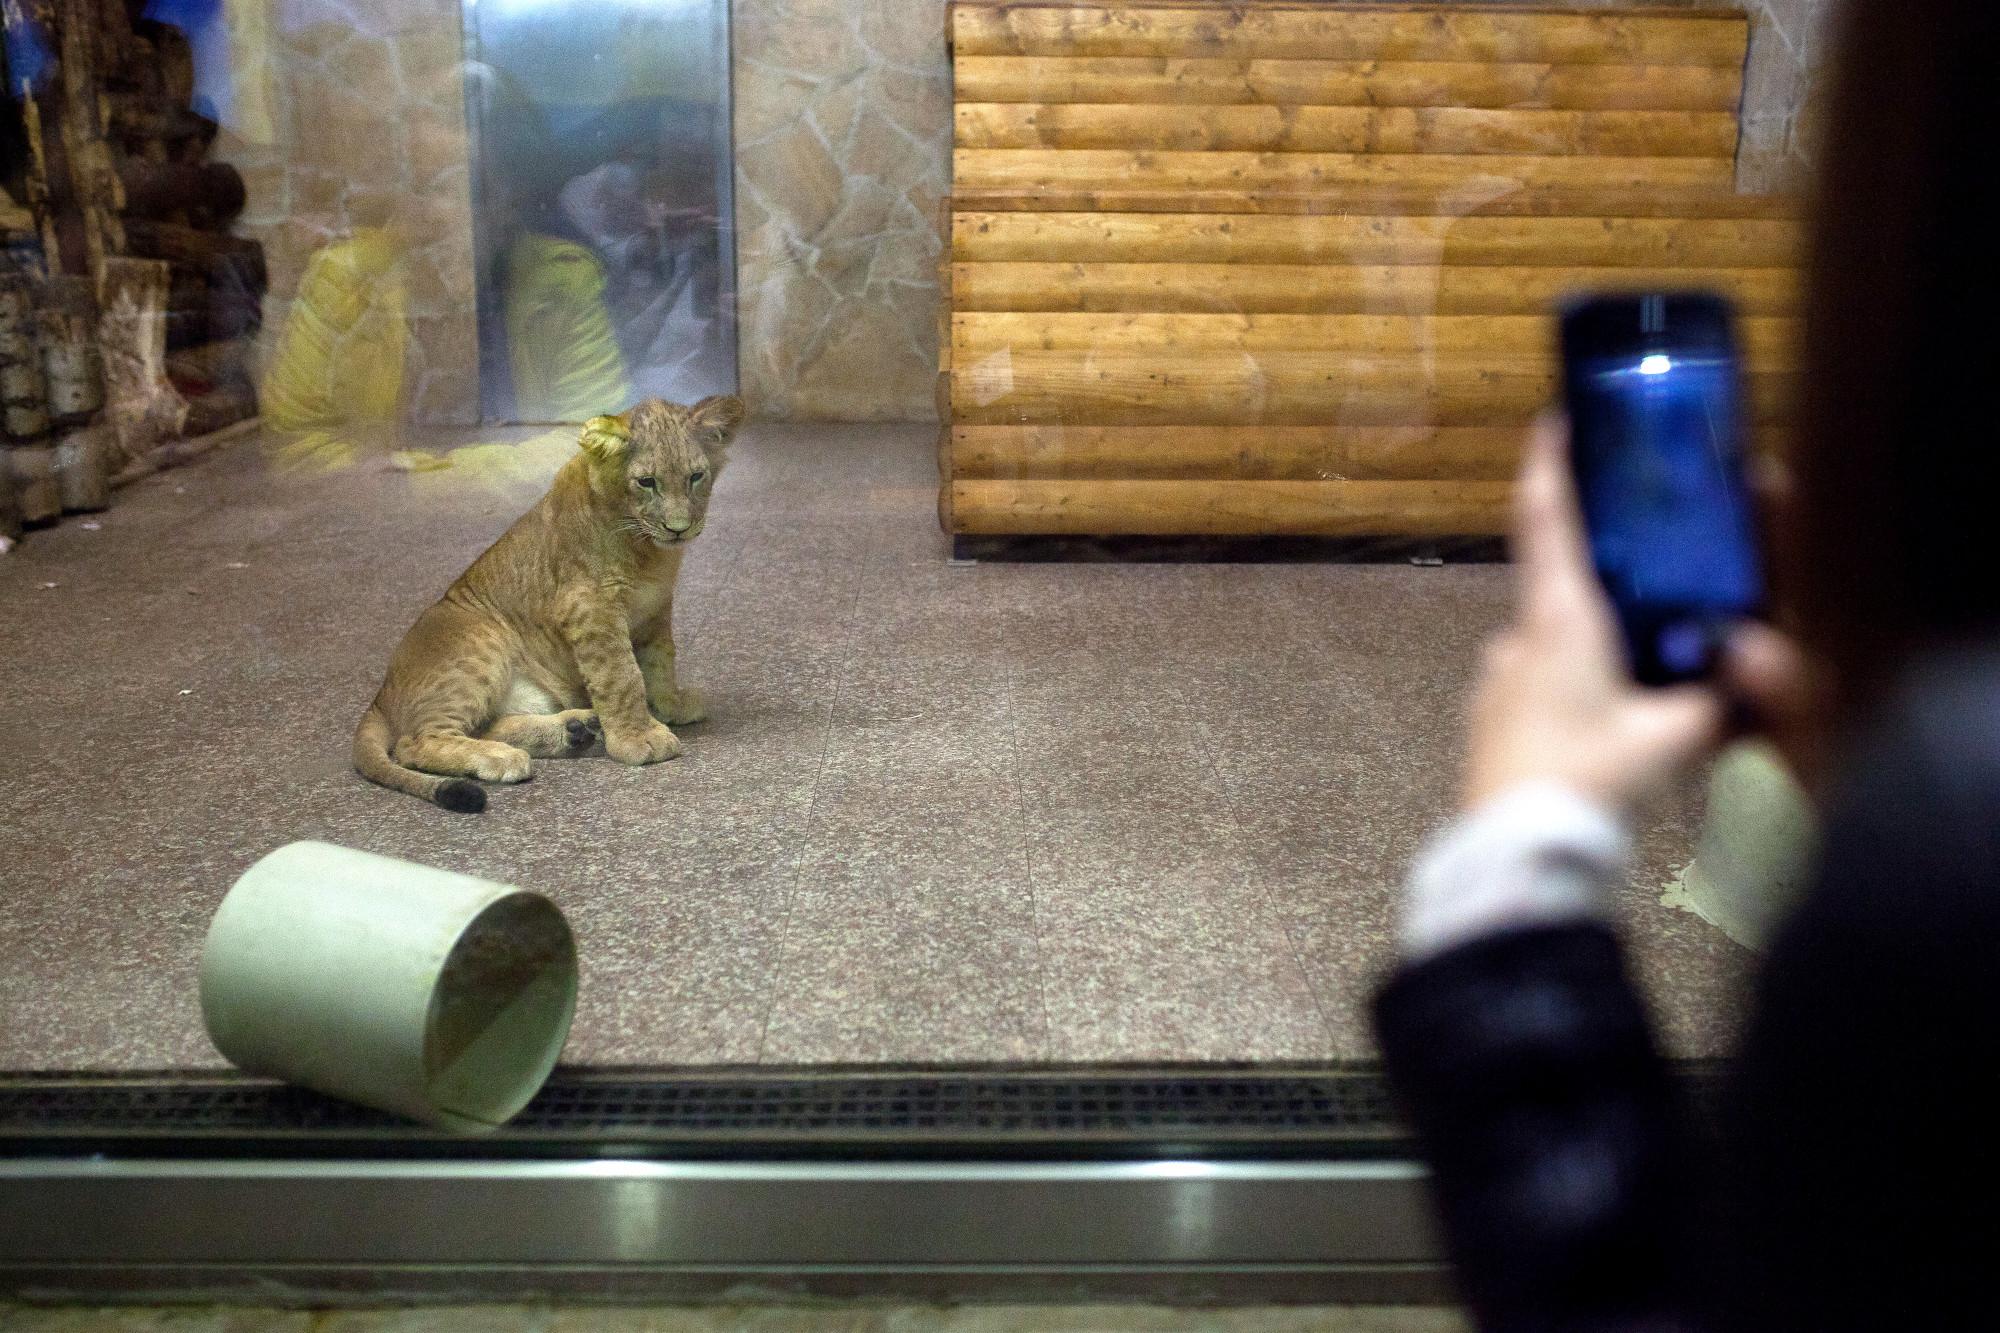 зоопарк дикие животные лев львёнок